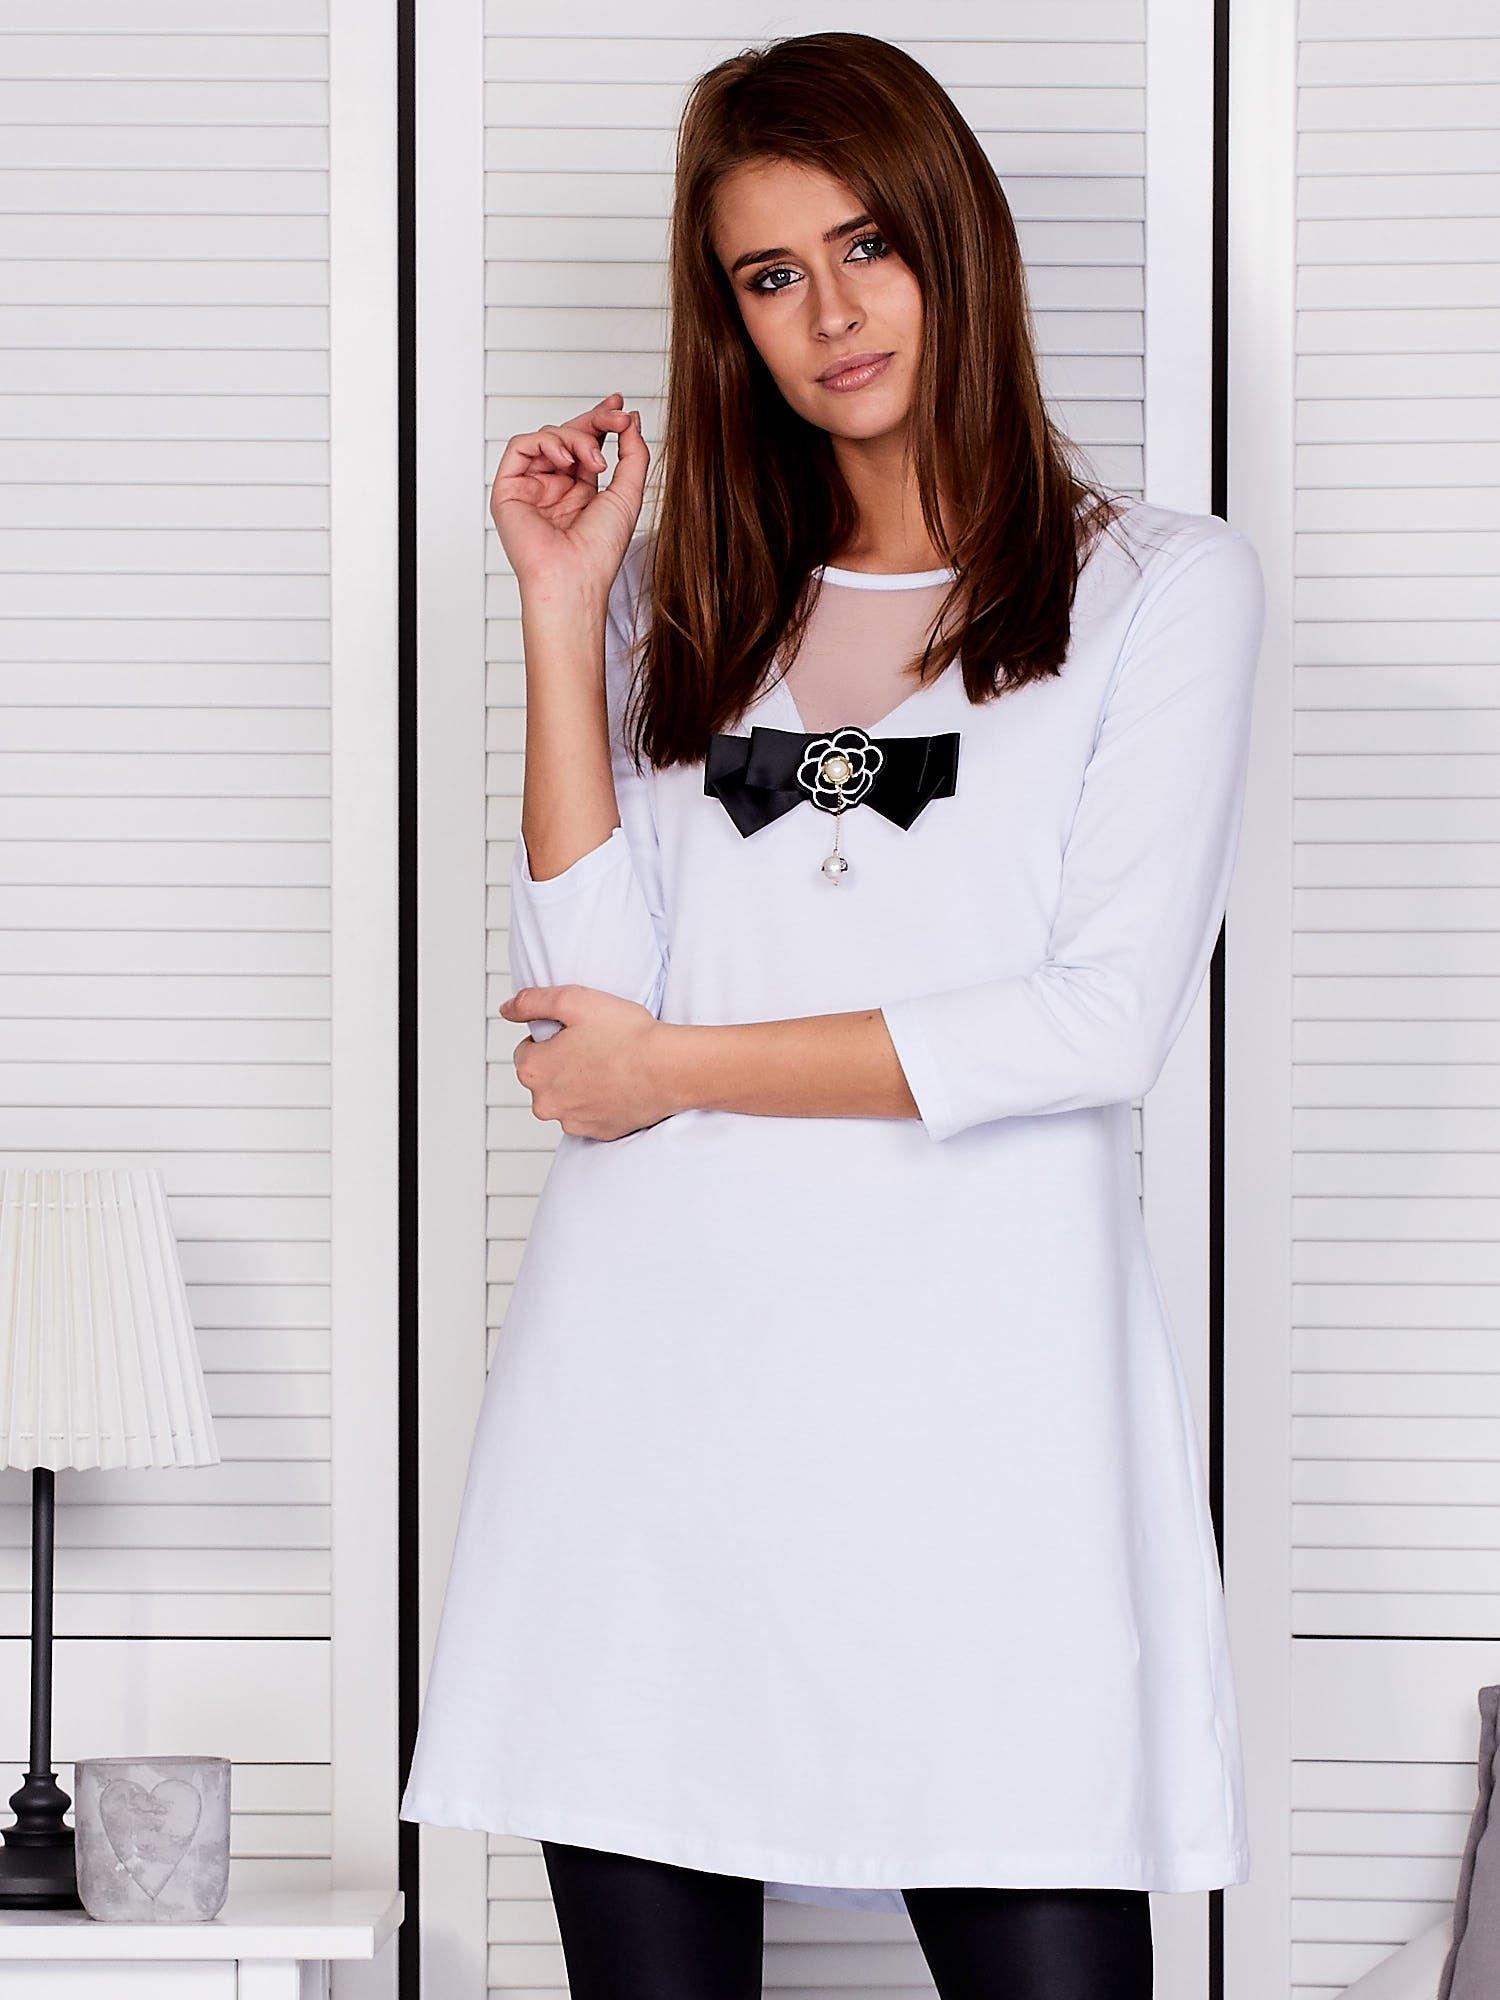 642e90b6c099e Tunika damska z siatkową wstawką biała - Bluzka Tunika - sklep eButik.pl